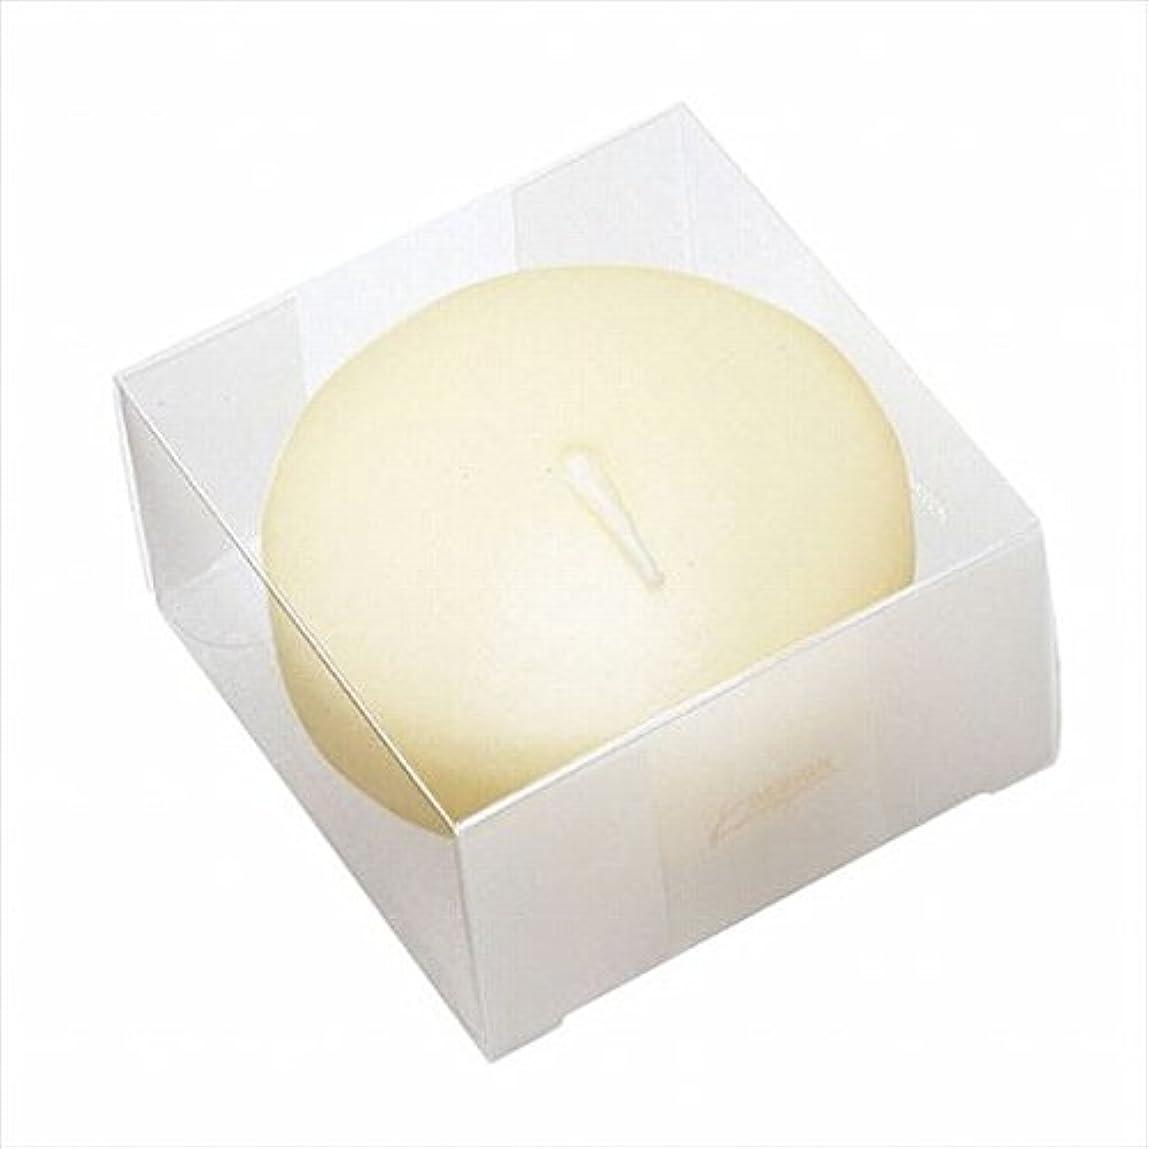 コンプリート六分儀最終的にカメヤマキャンドル(kameyama candle) プール80(箱入り) 「 アイボリー 」